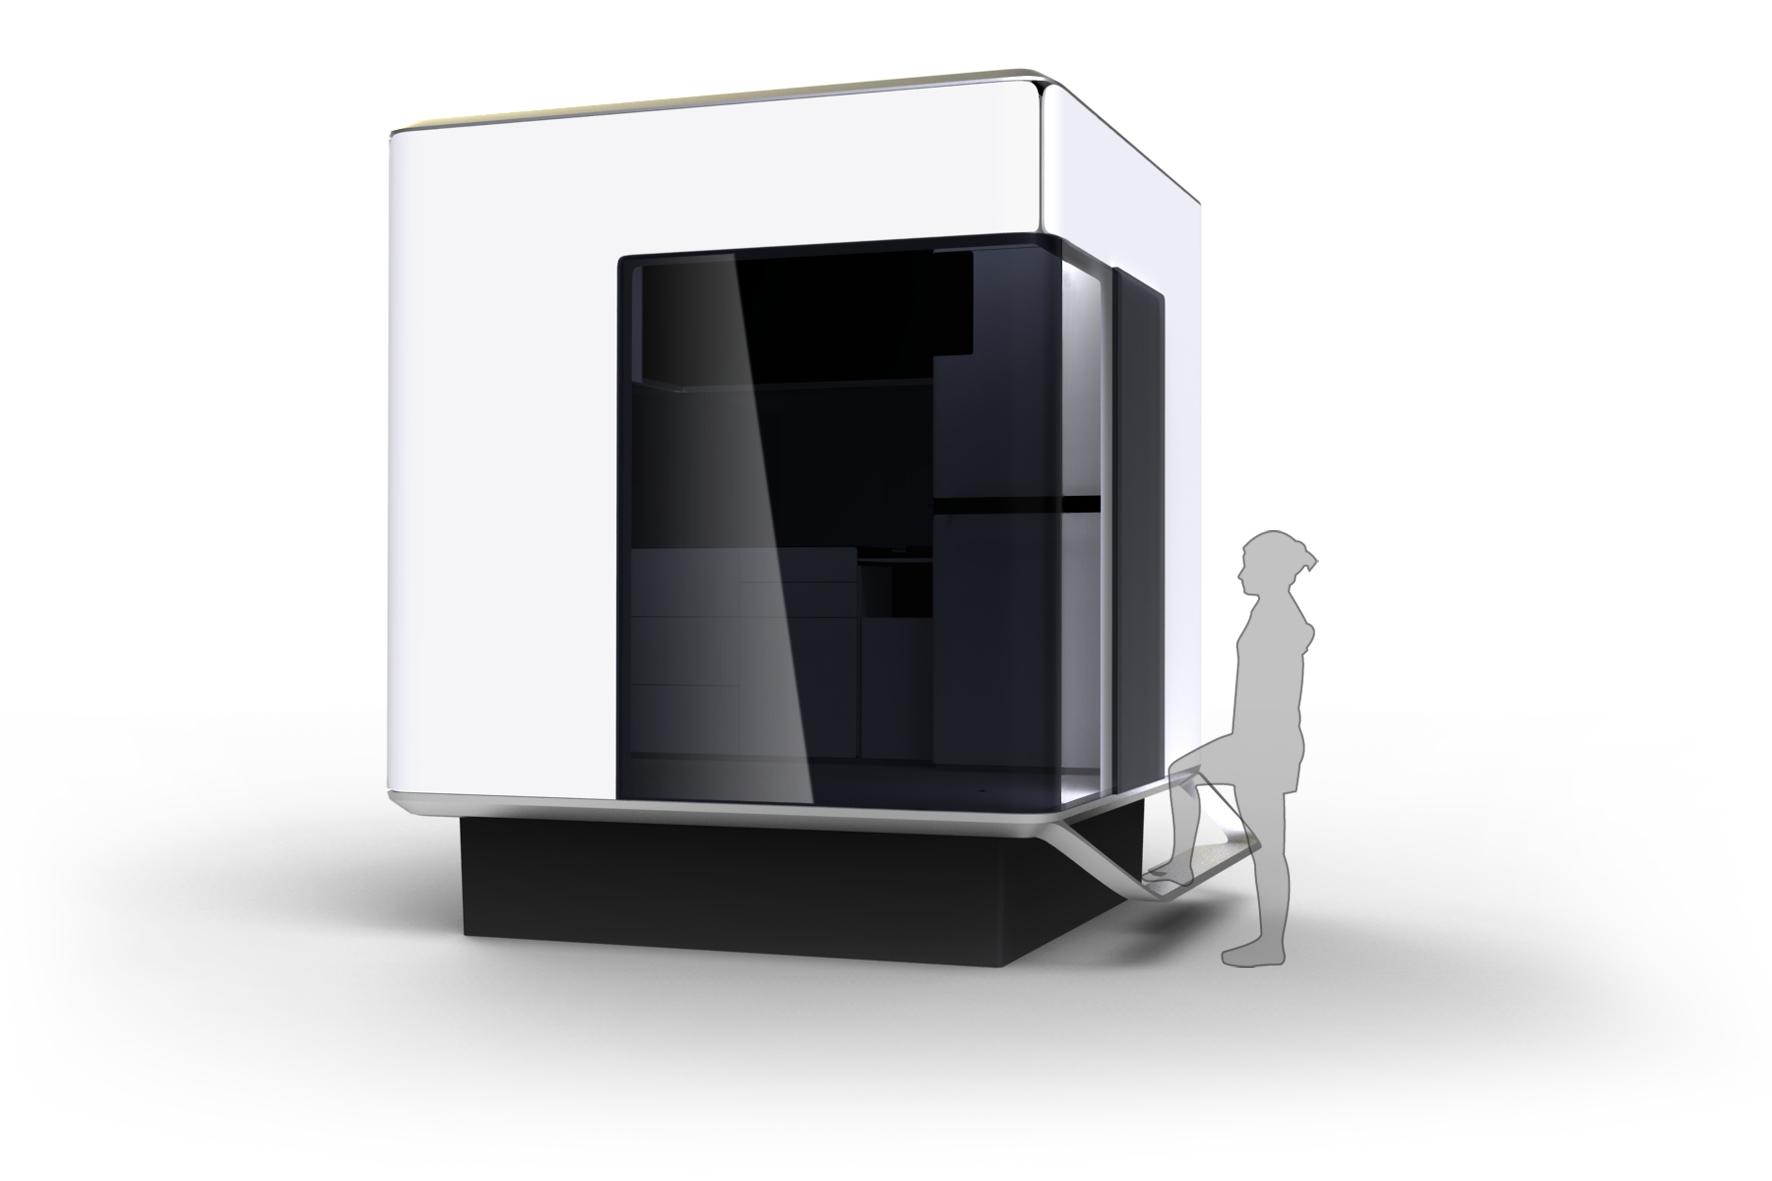 m-cube von Benjamin Beck